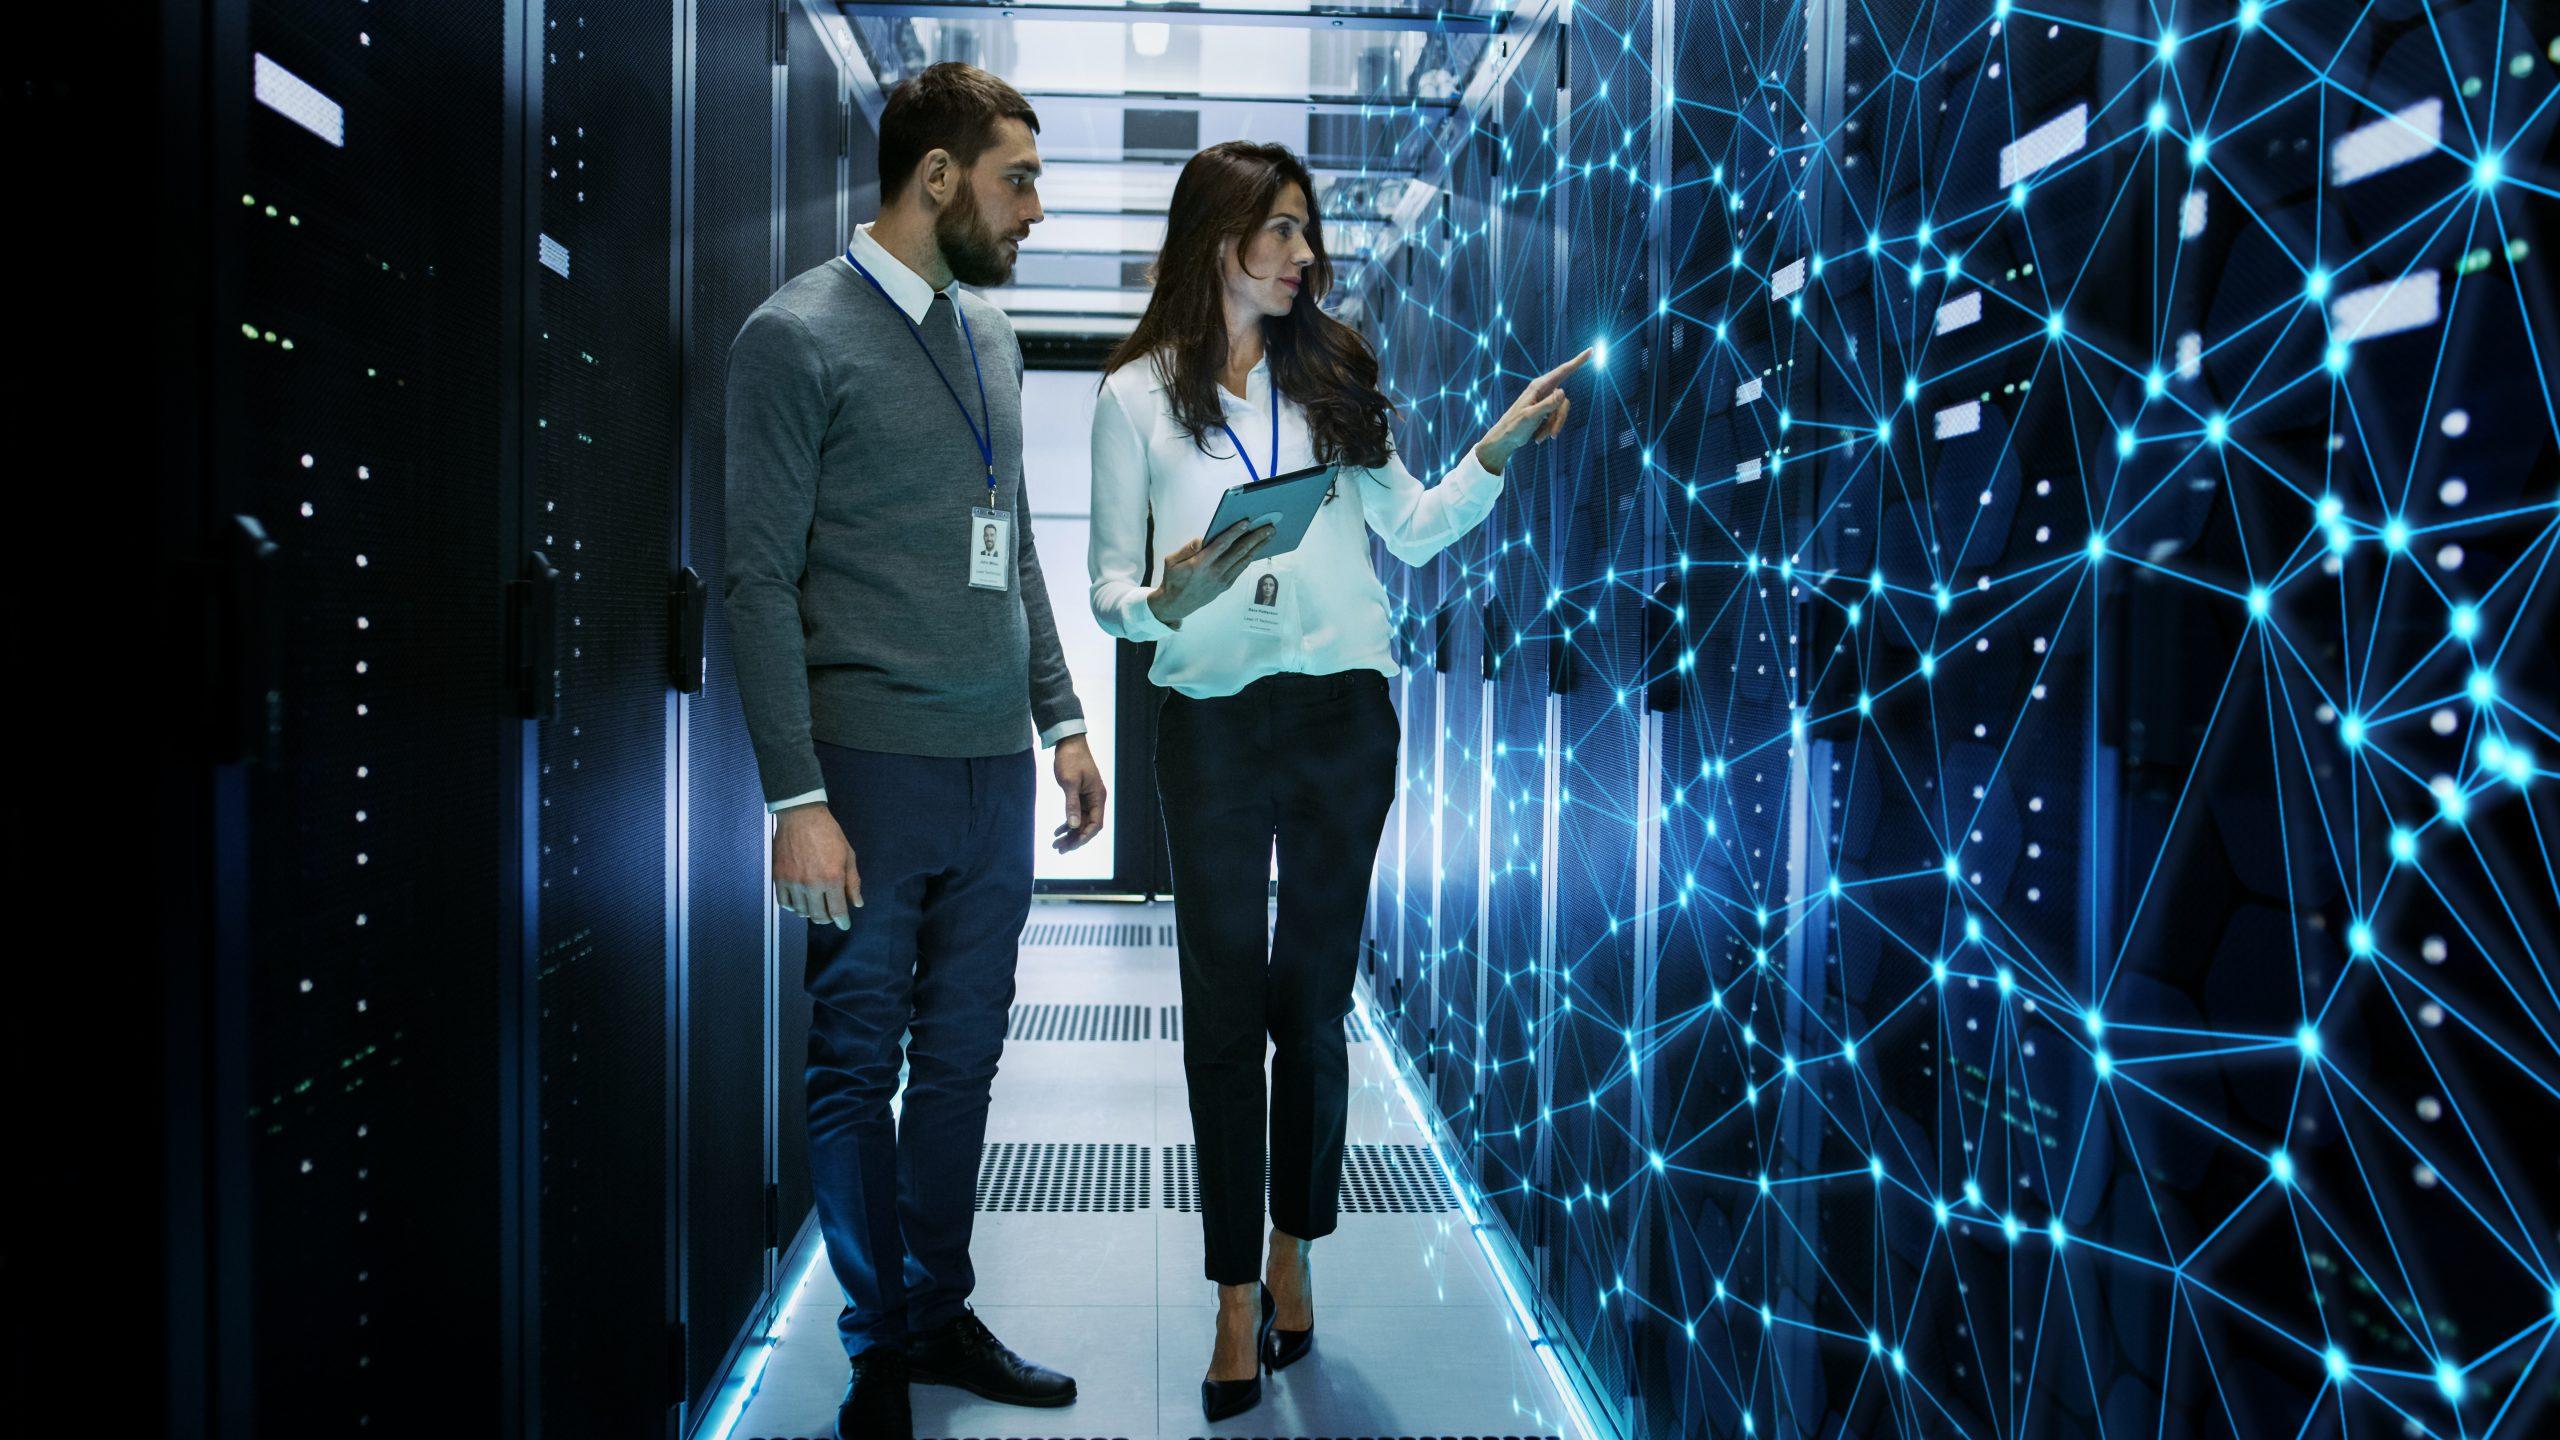 Data Center Computing require efficient power supplies